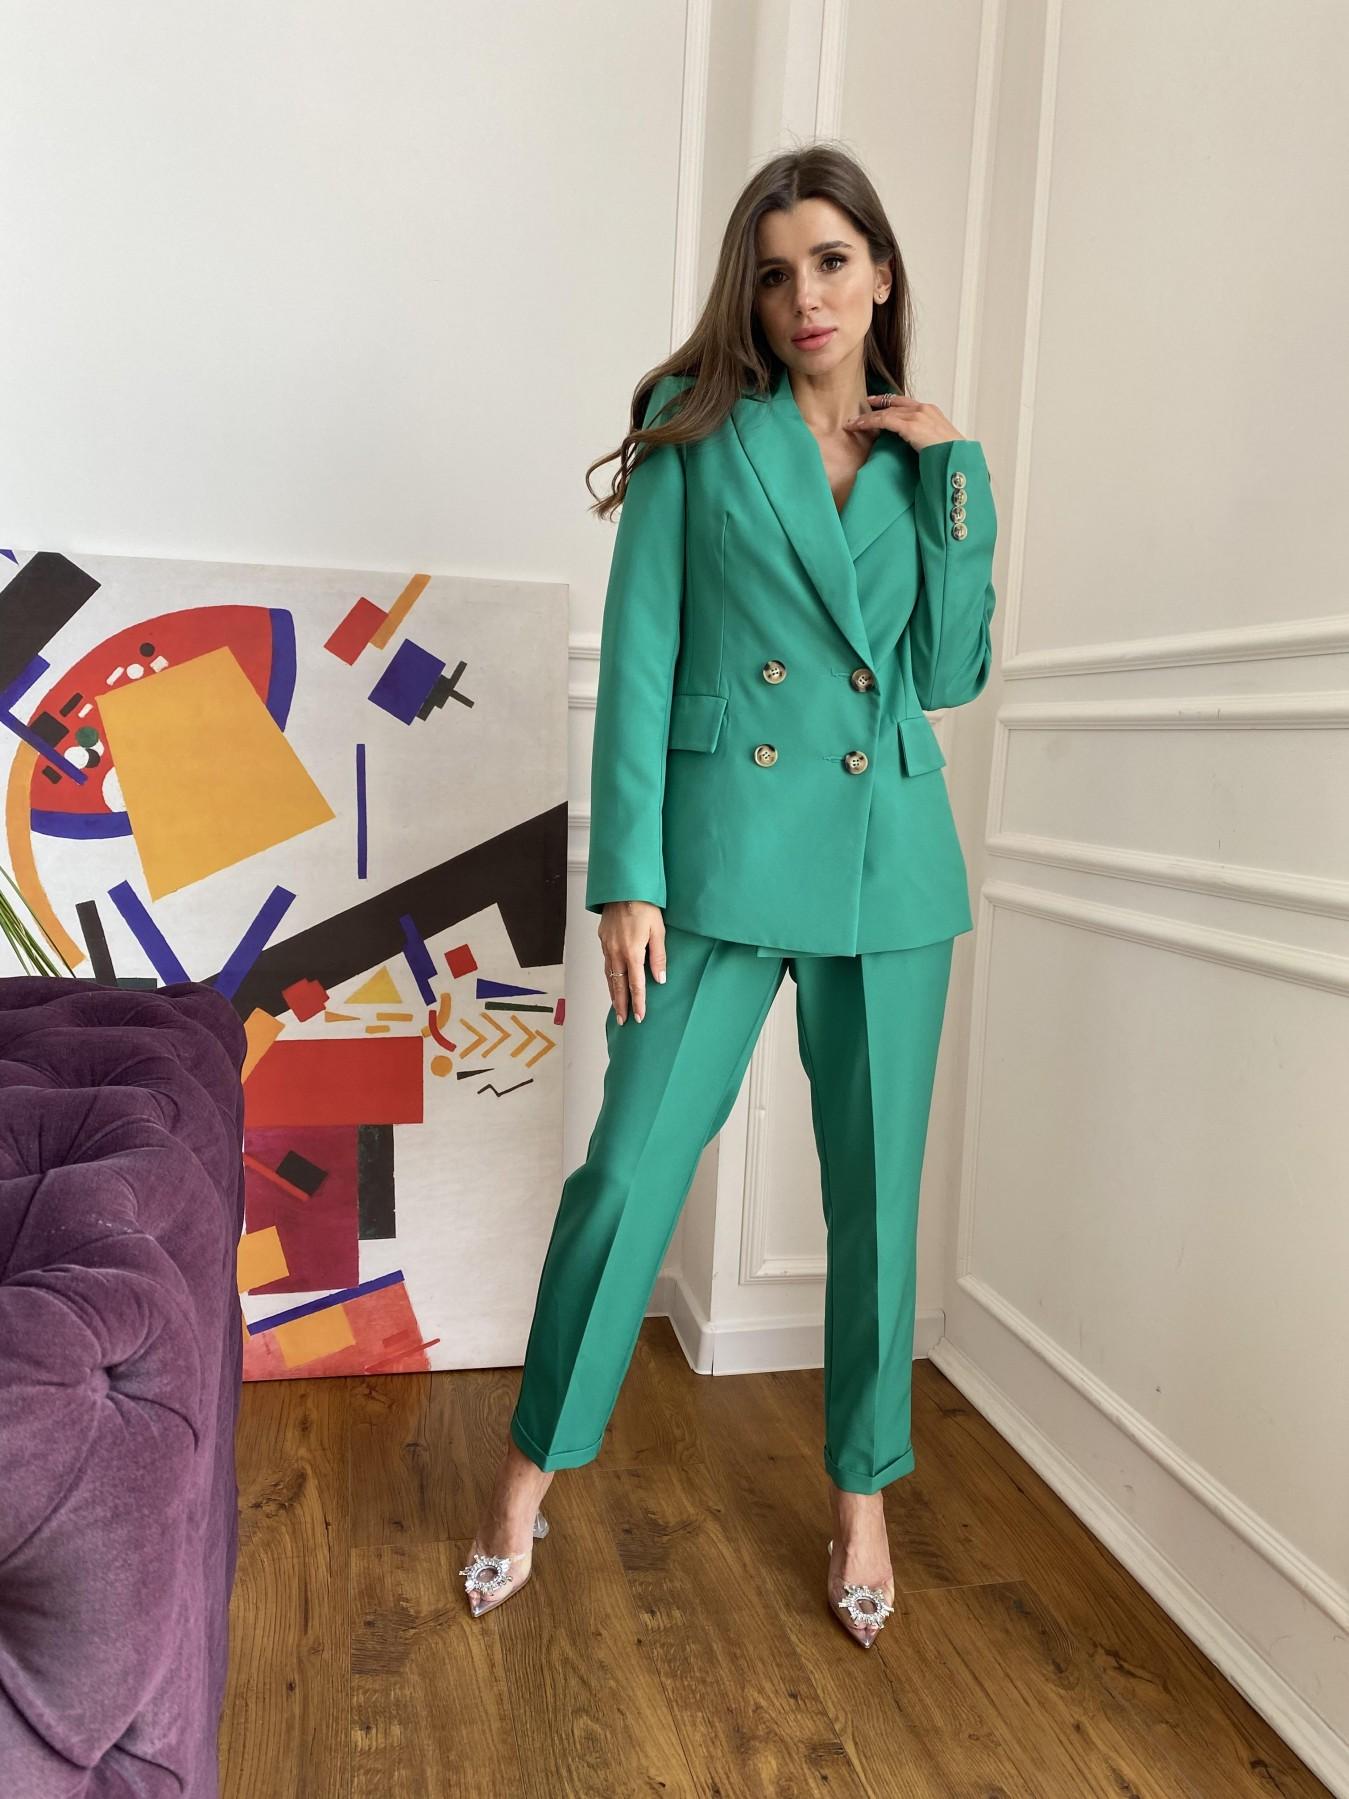 Франко костюм из костюмной ткани 11090 АРТ. 48111 Цвет: Зеленый 2 - фото 6, интернет магазин tm-modus.ru